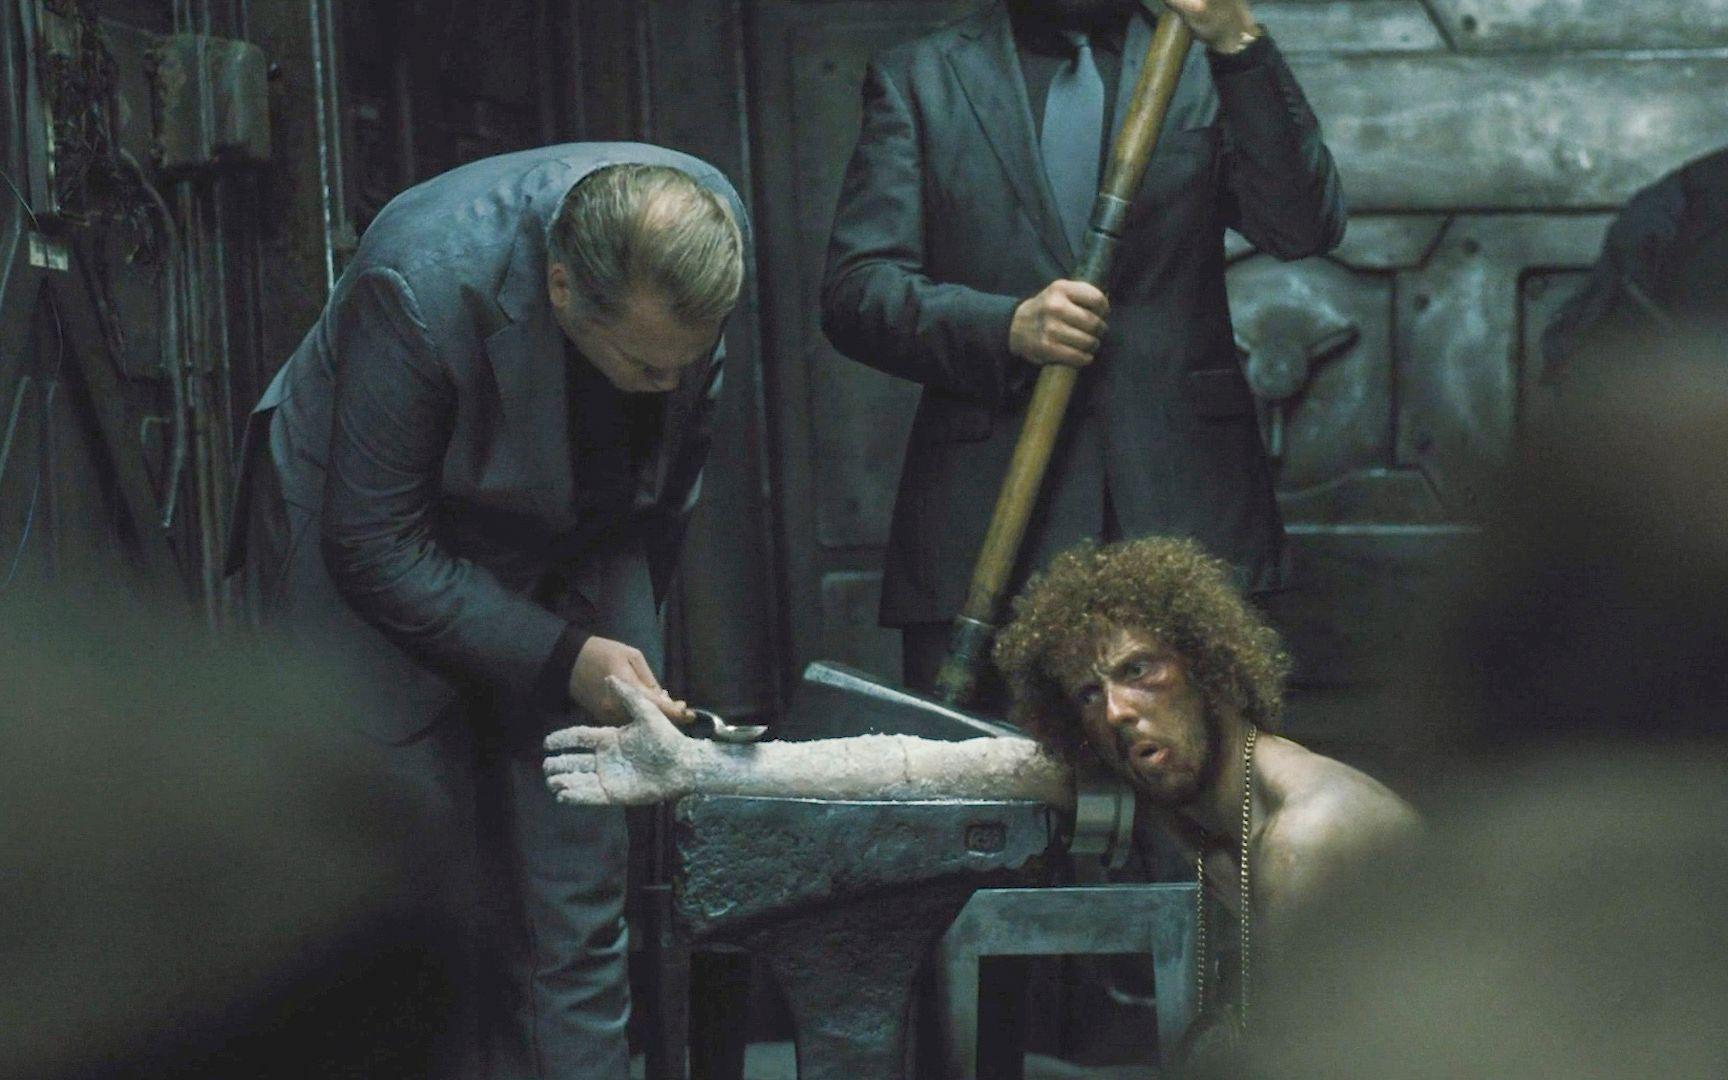 末世来临,穷人手臂被冻成冰棍,人们被分成三六九等,影视